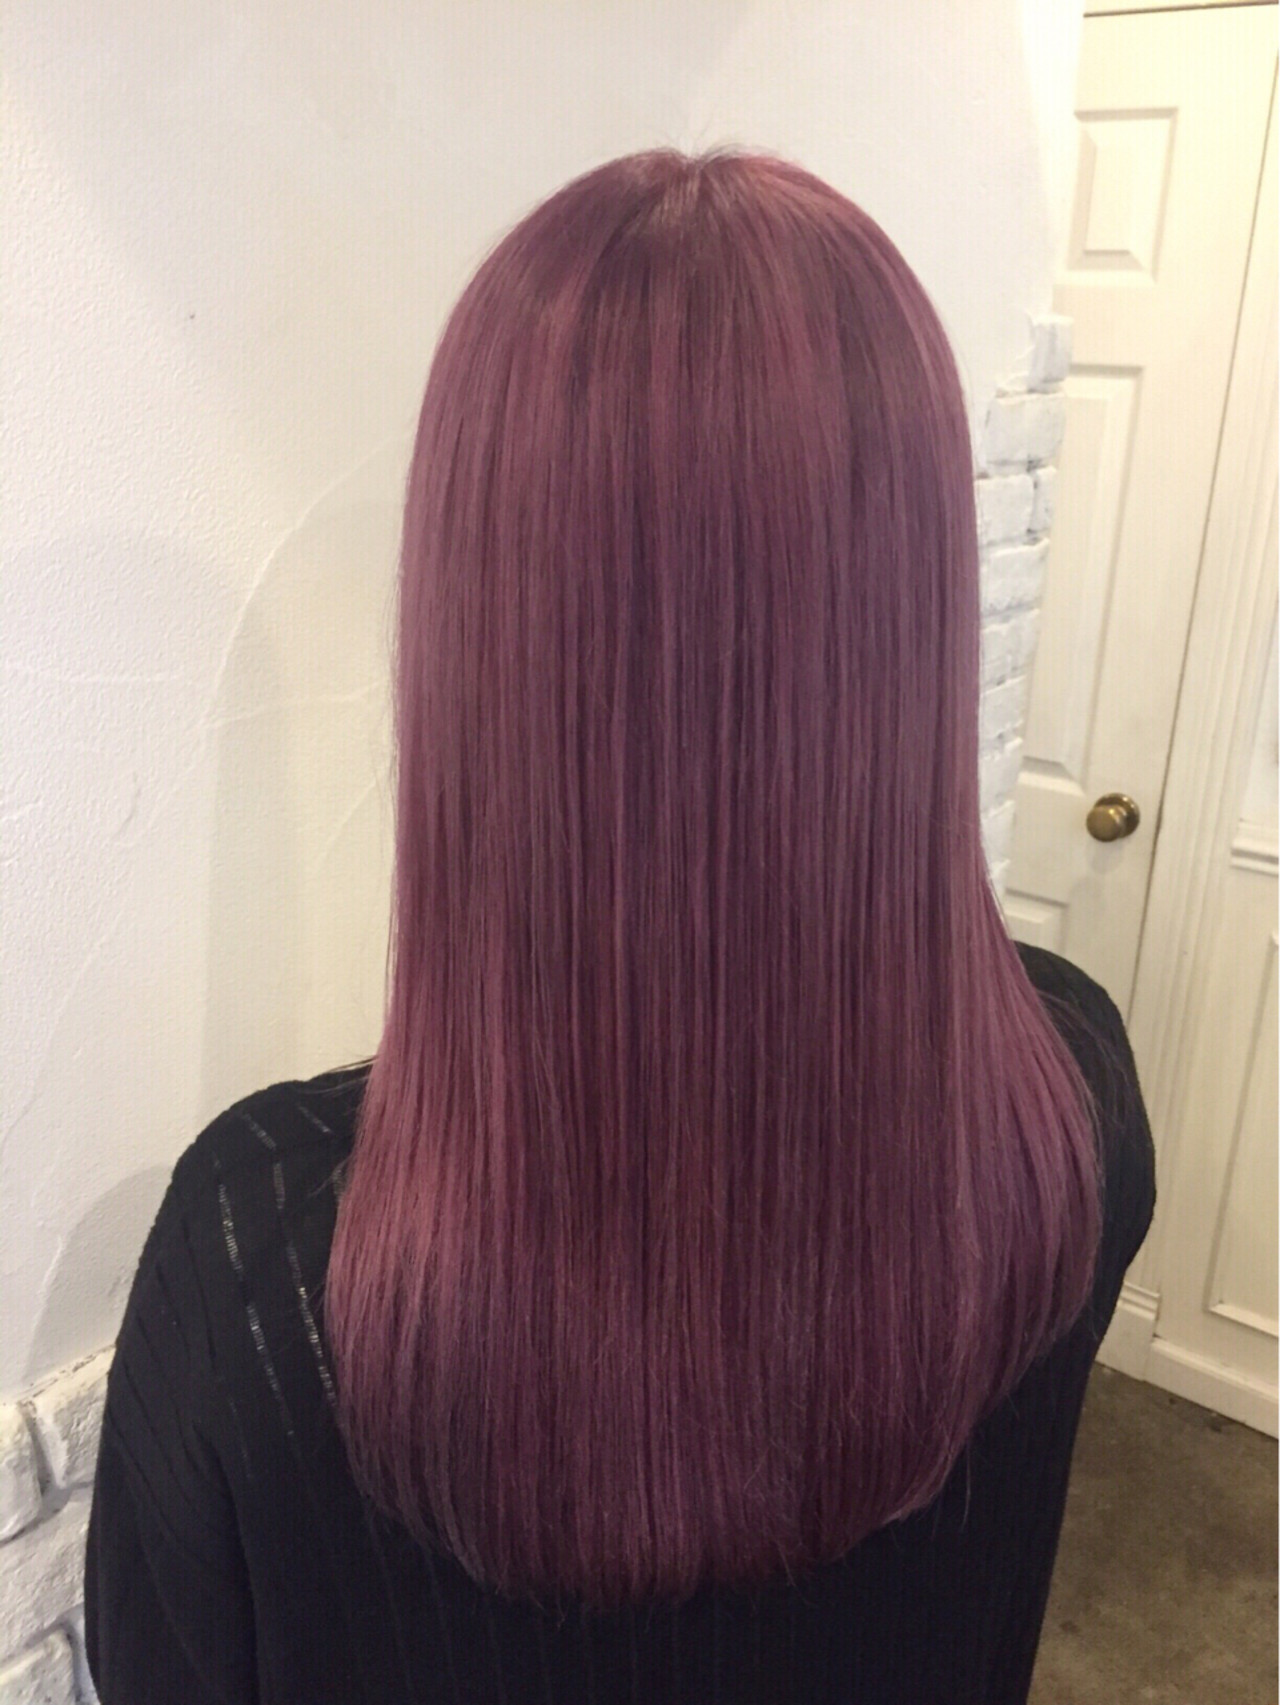 ガーリー 秋 透明感 ロング ヘアスタイルや髪型の写真・画像